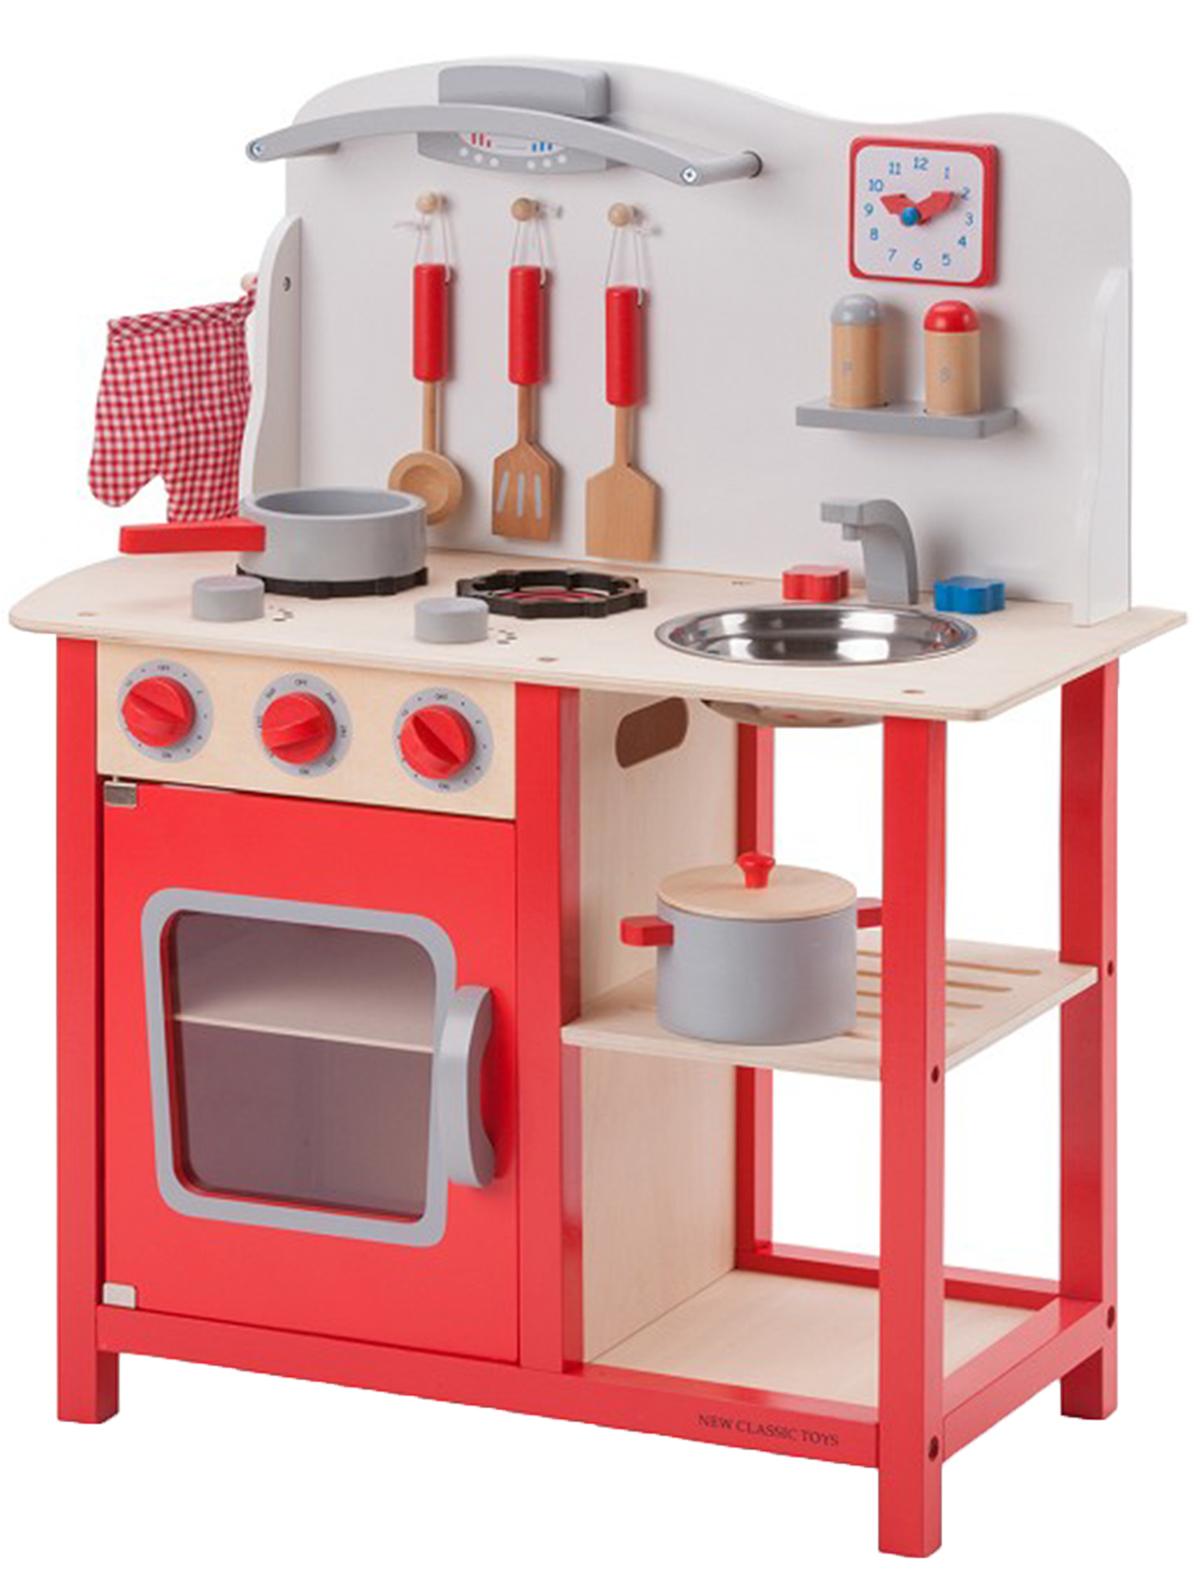 Игрушка New Classic Toys 2146502 красного цвета